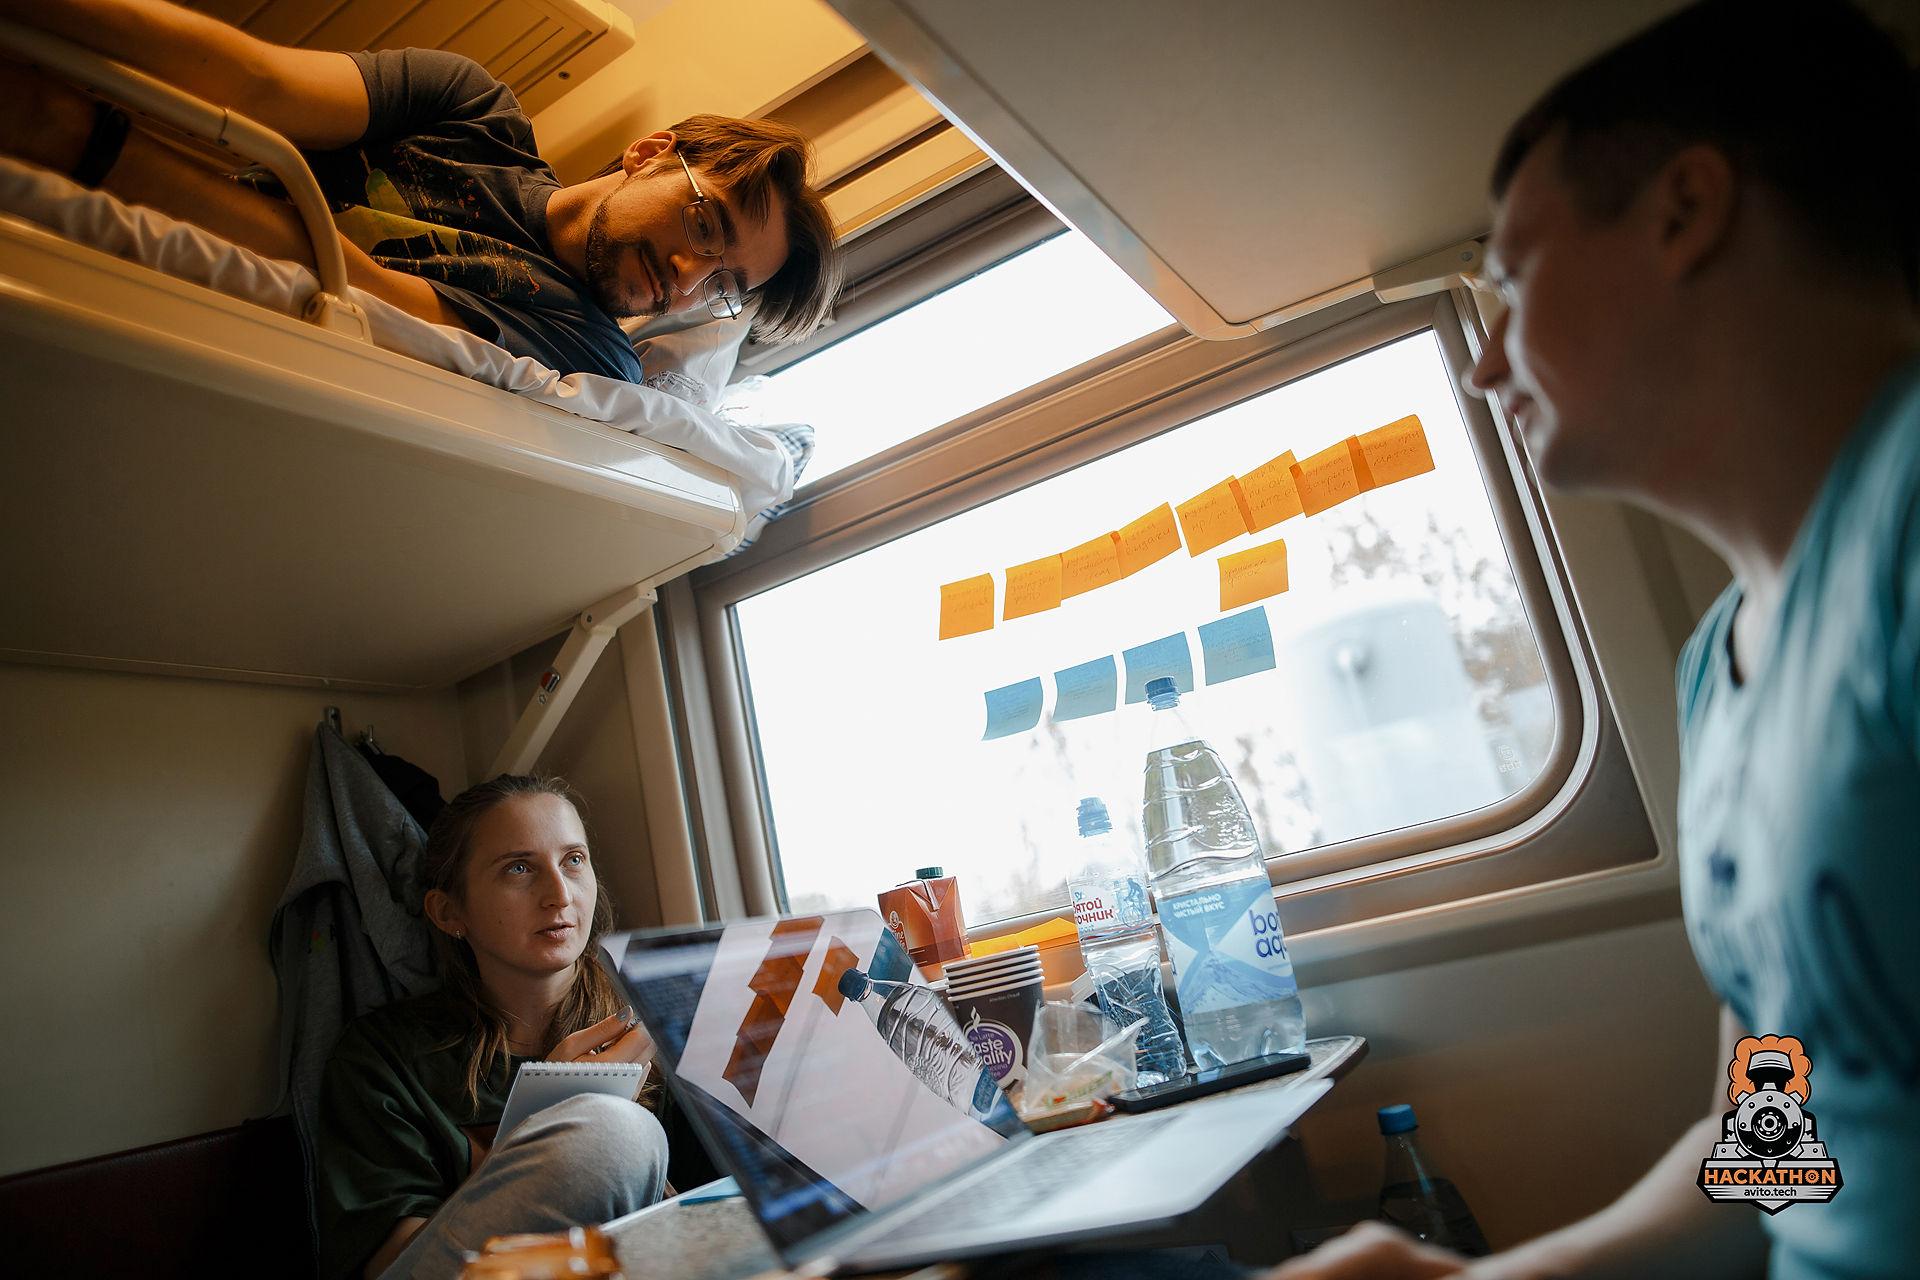 Как мы сделали хакатон в поезде и что из этого получилось - 11